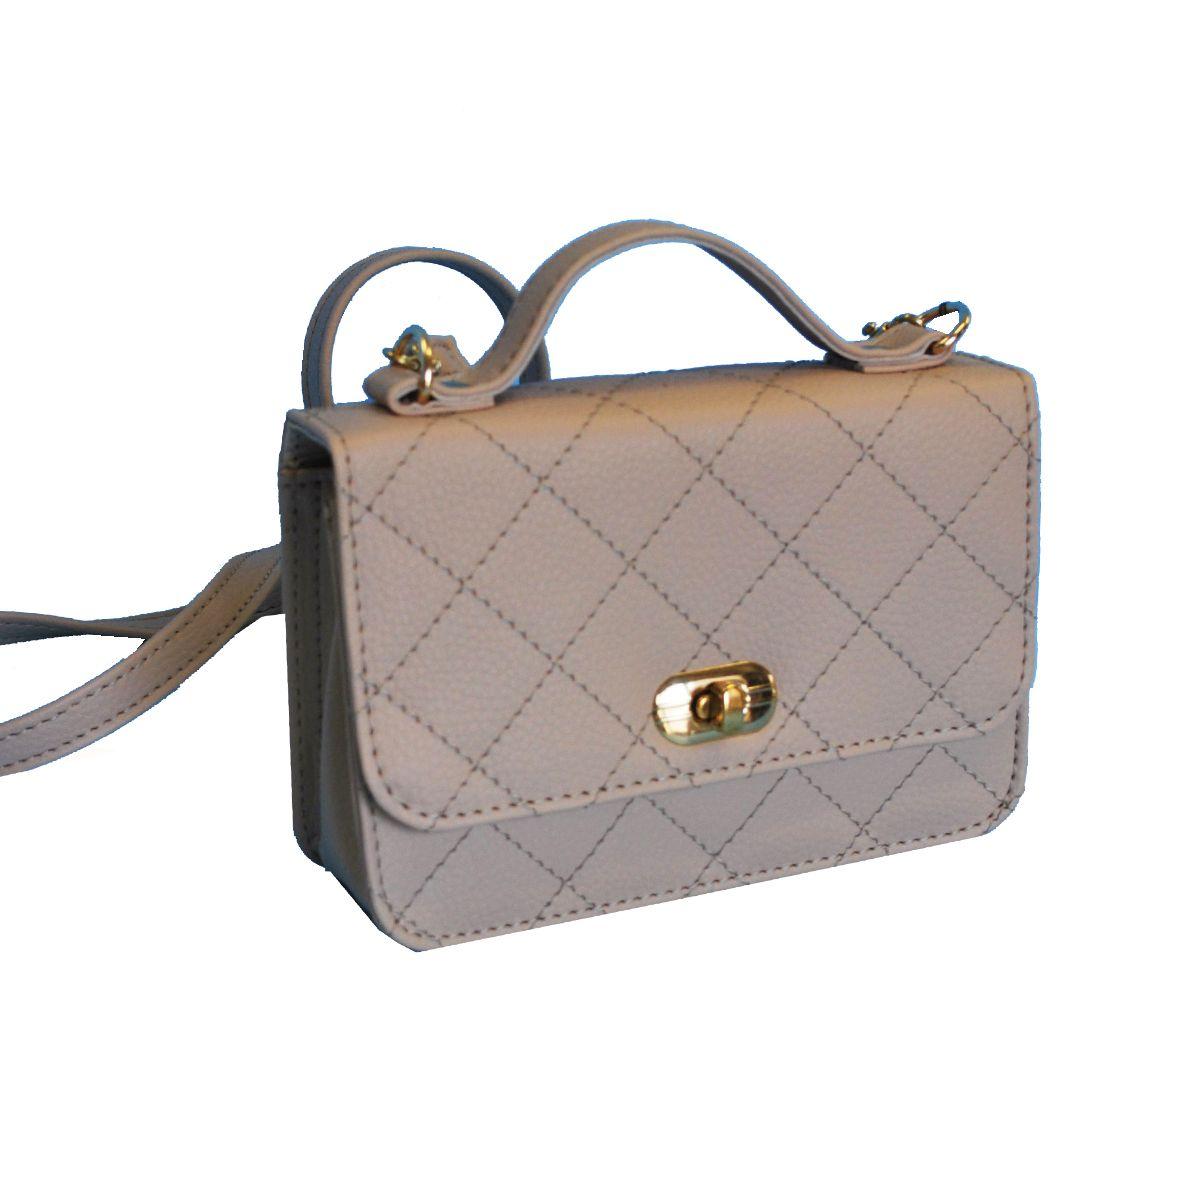 Luxusná dámska kabelka crossbody 8679 vo svetlo béžovej farbe ... 27f8f08a82d